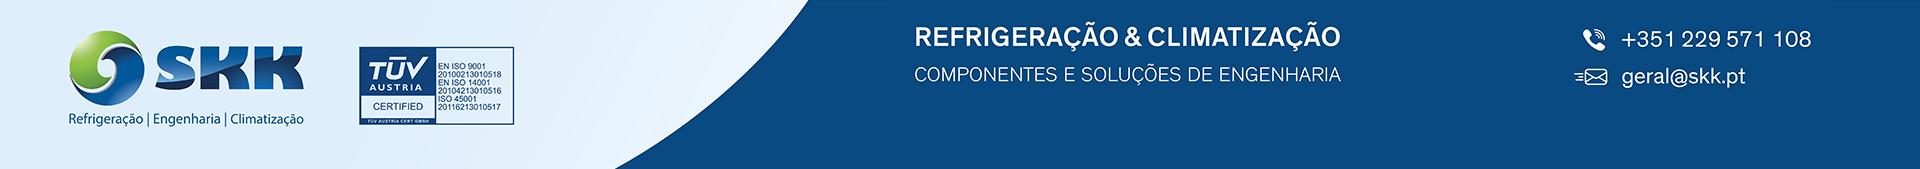 SKK - Refrigeração e Climatização, S.A.